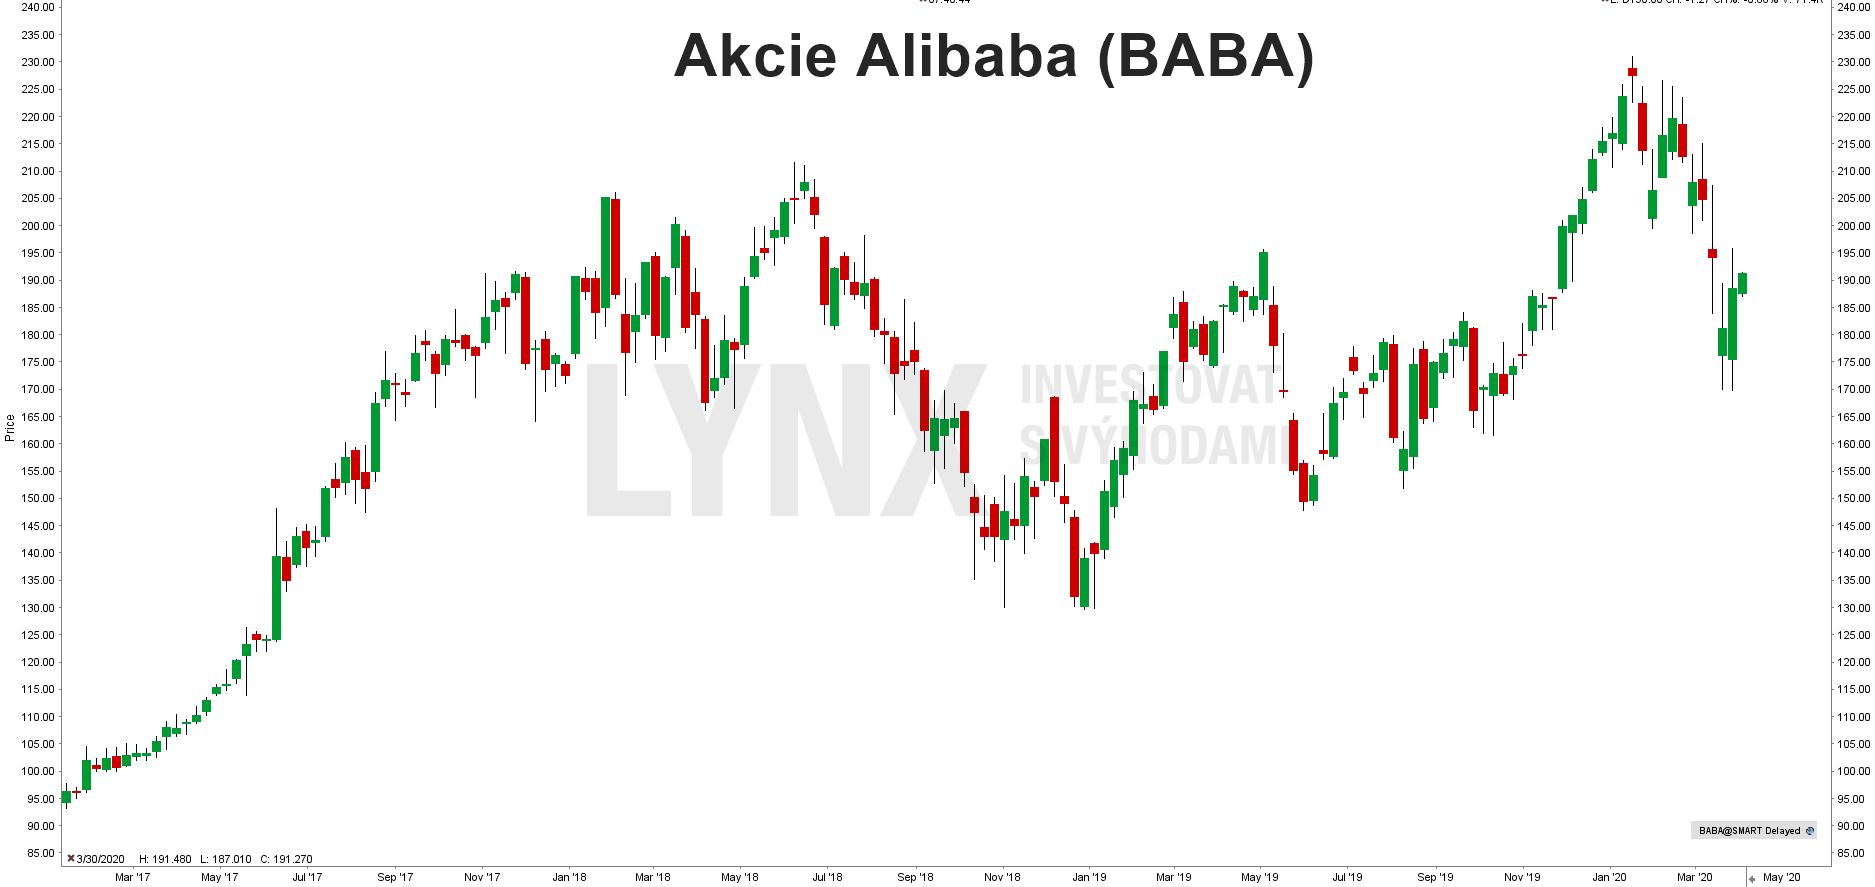 Vývoj akcií Alibaba (BABA)